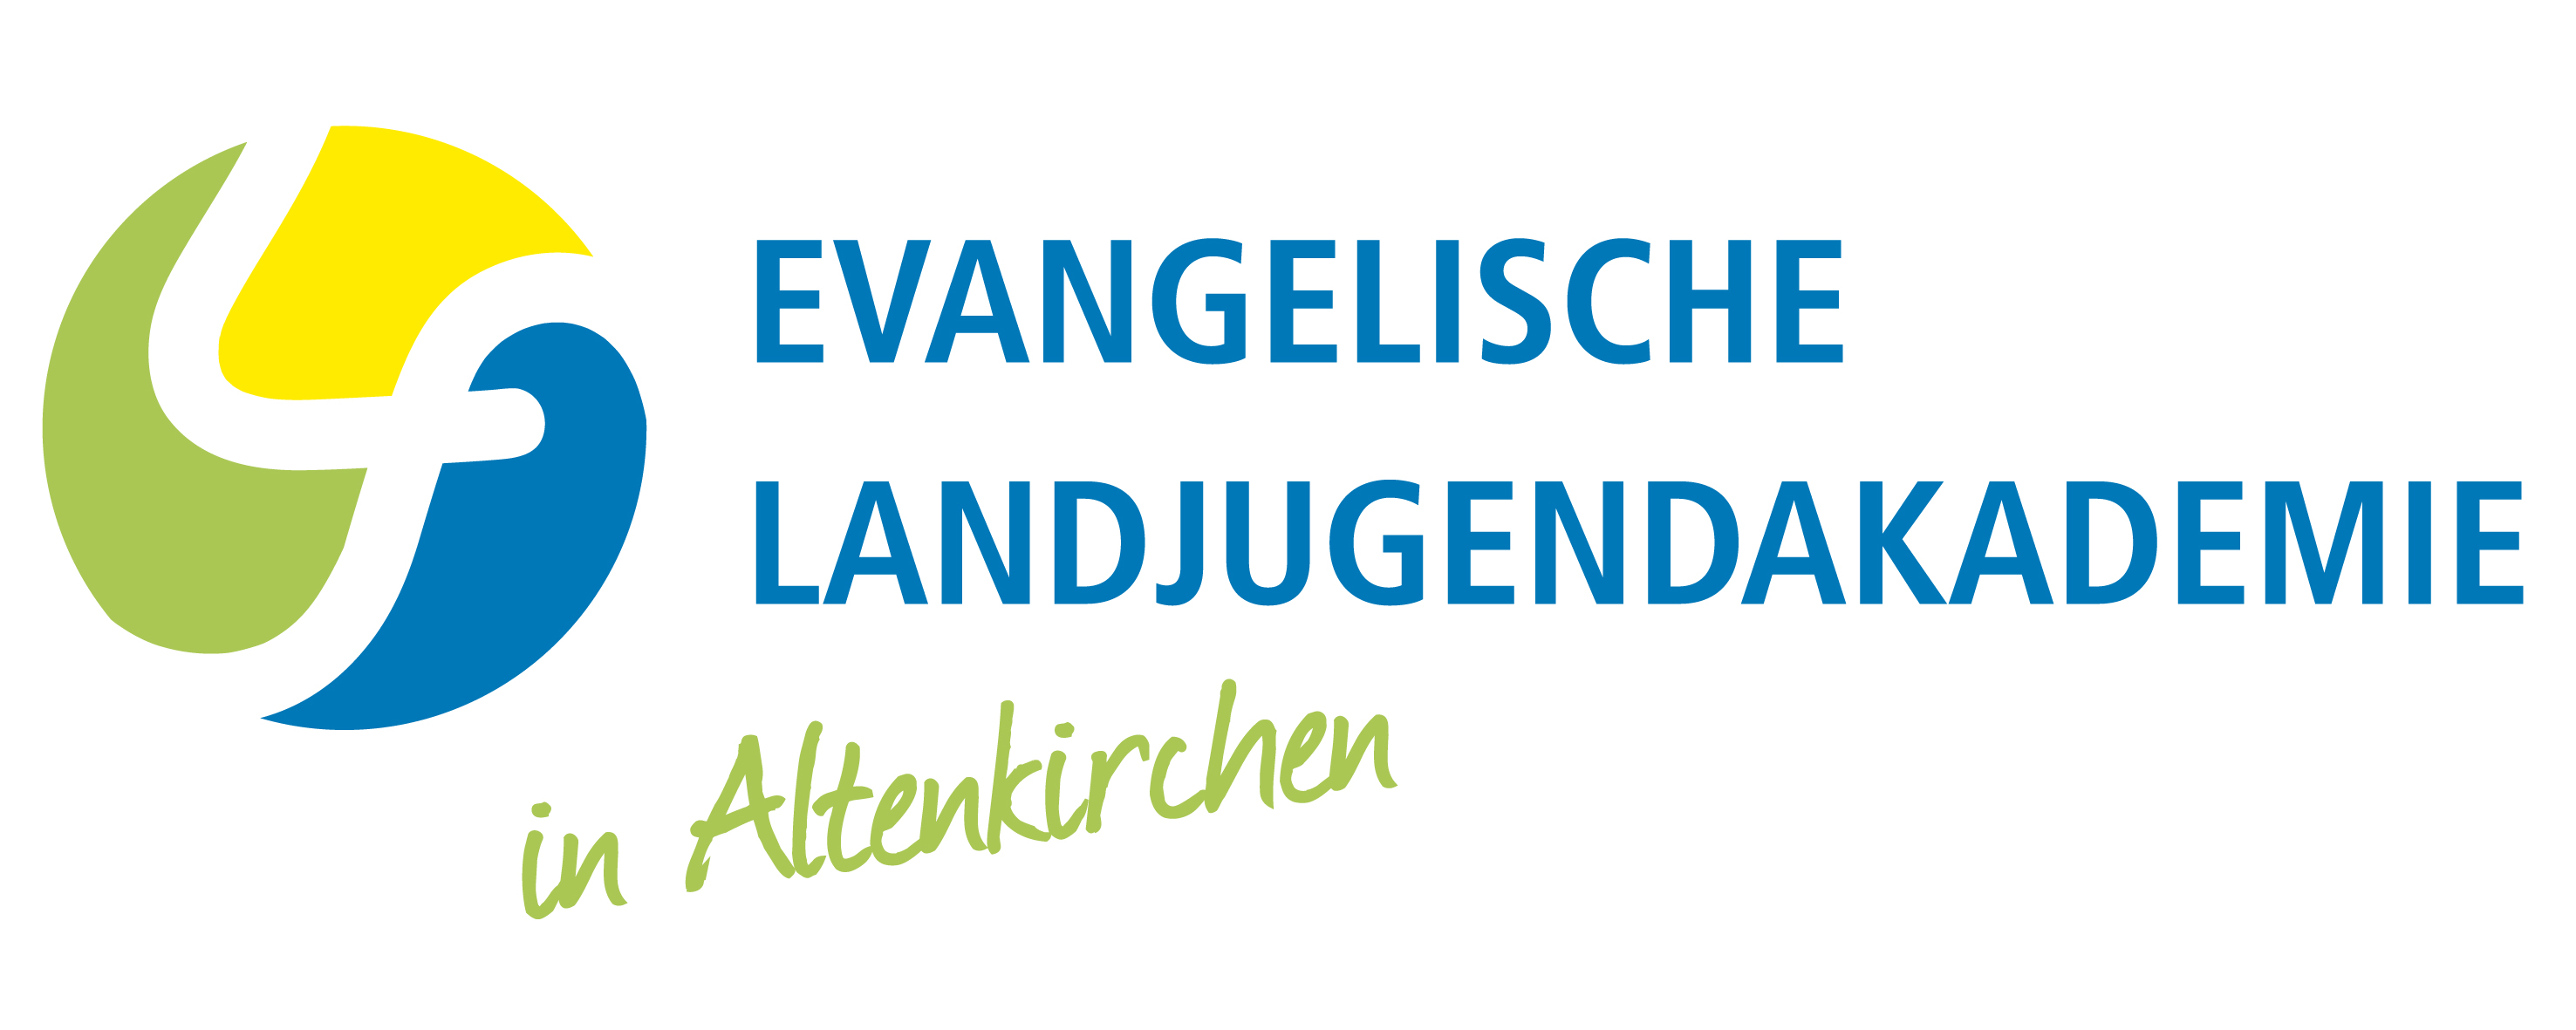 Evangelische Landjugendakademie